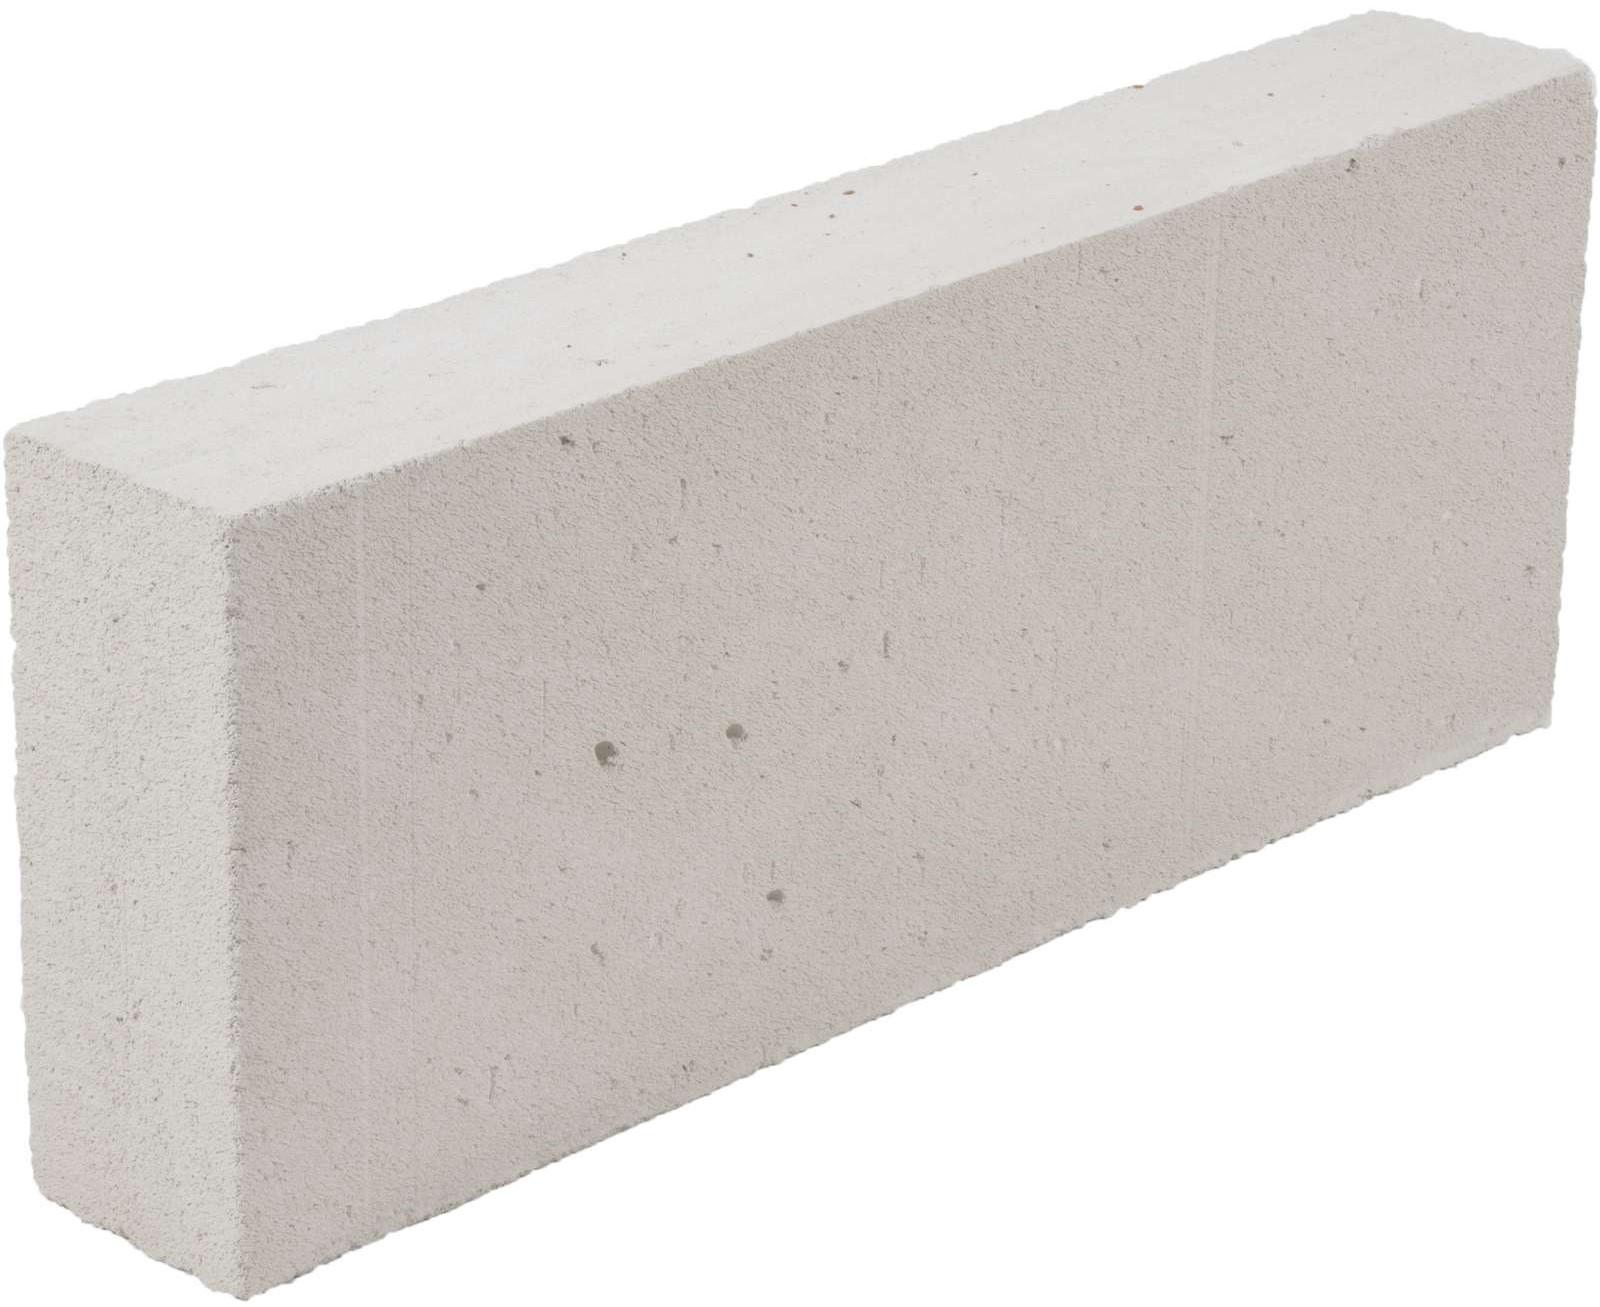 Купить Блок газобетонный Эко D500, размер 600х250х75 мм — Фото №1